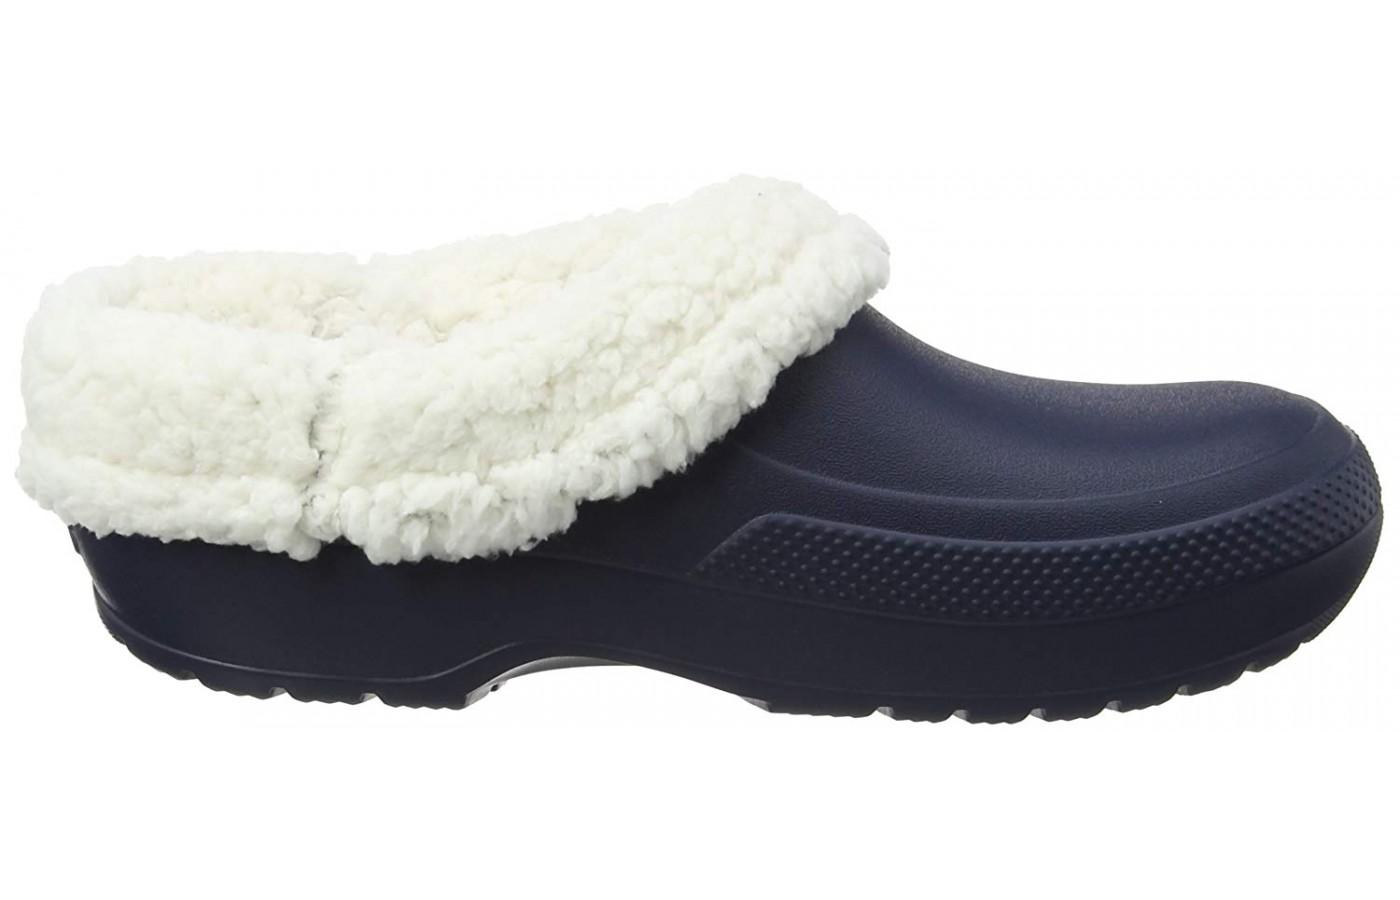 Crocs Classic Blitzen III Right